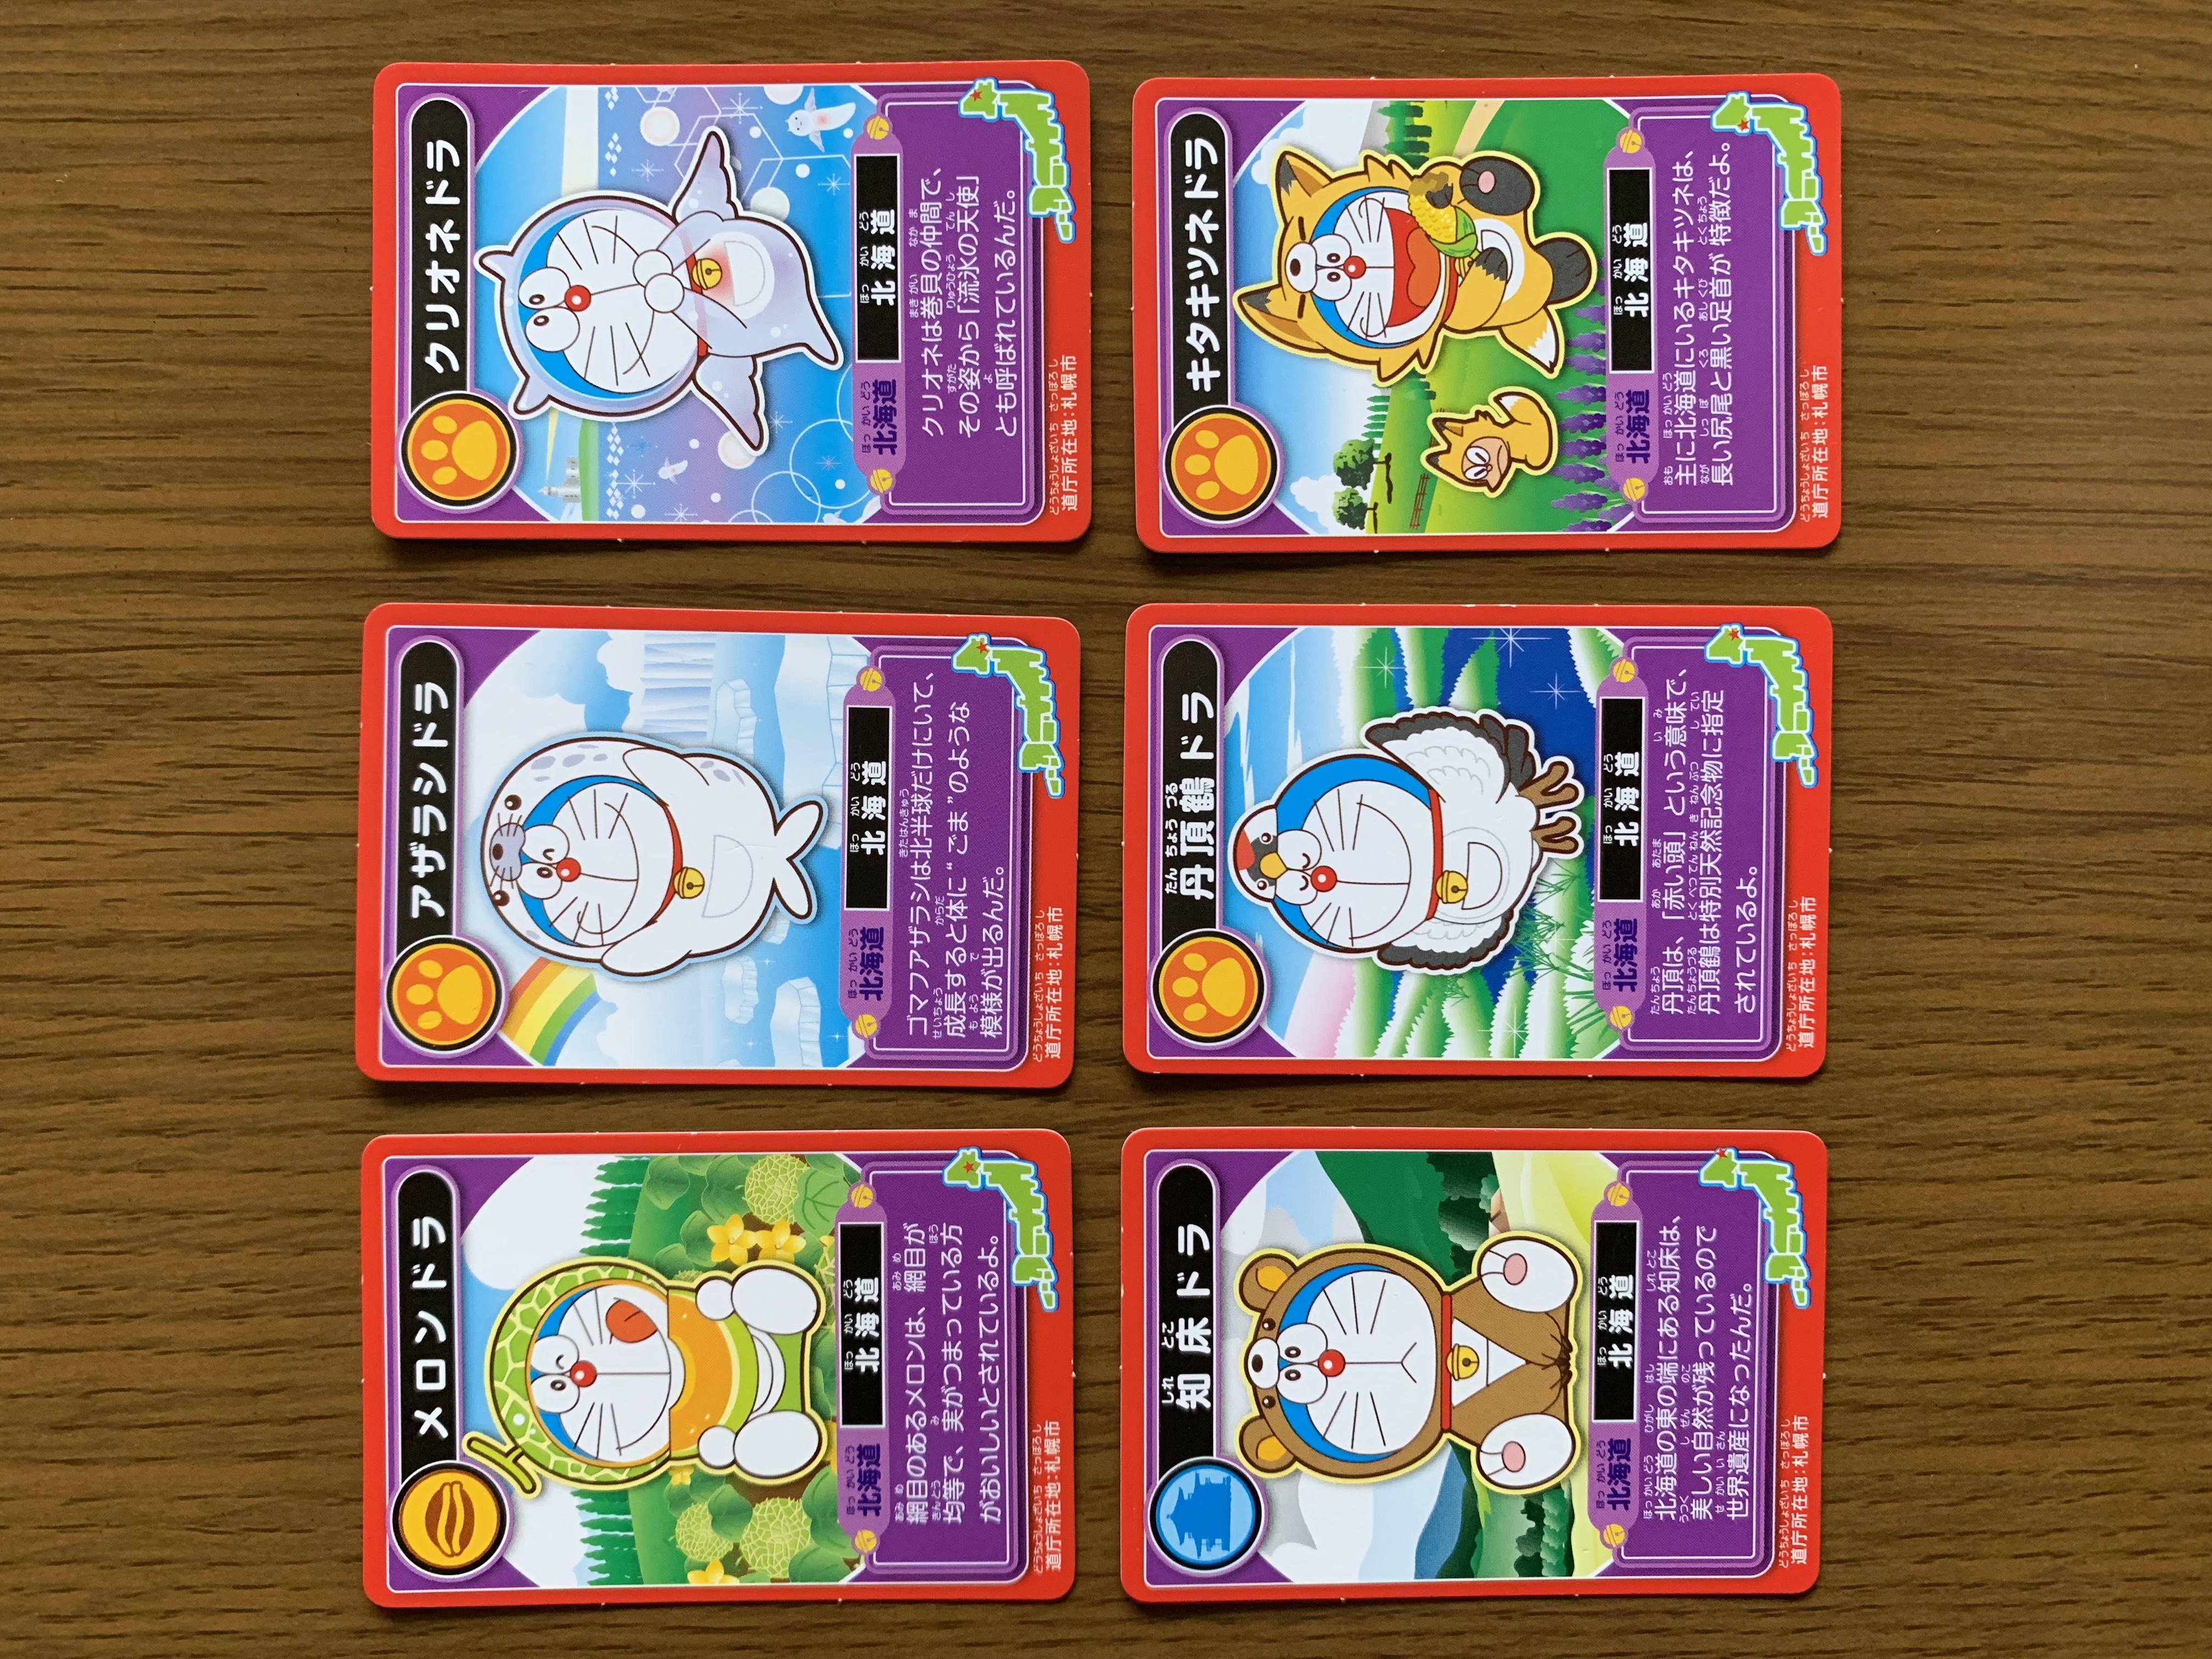 img 1594 - ボードゲーム「どこでもドラえもん日本旅行ゲーム」をやってみた